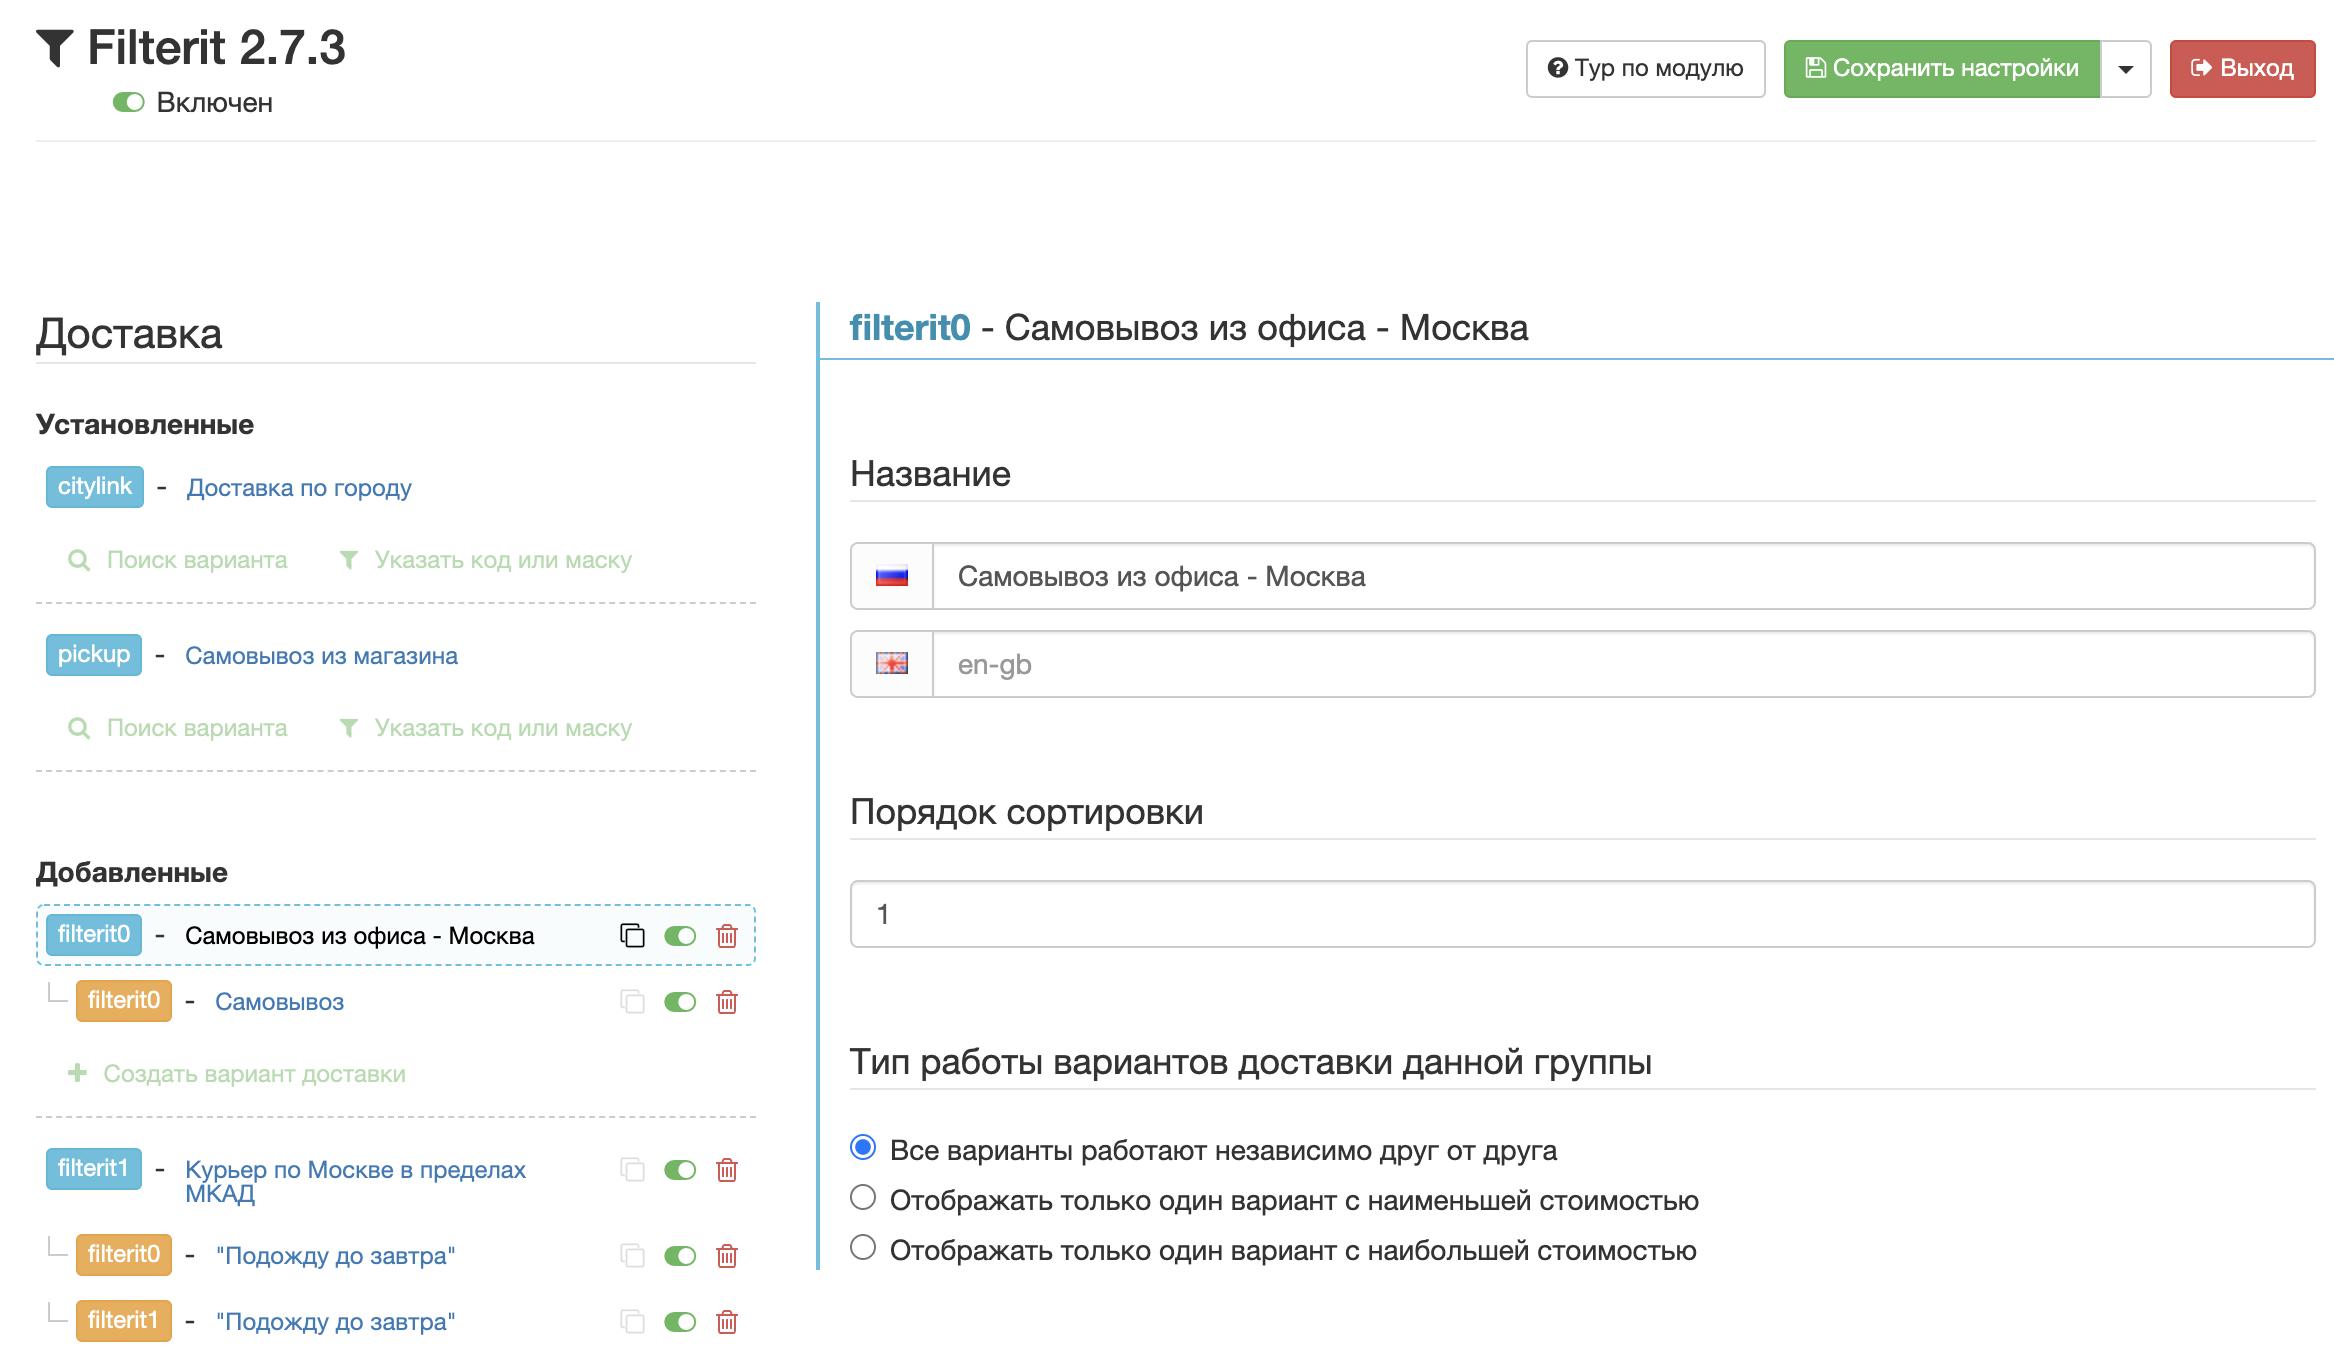 Filterit - Управление доставкой, оплатой и учетом в заказе